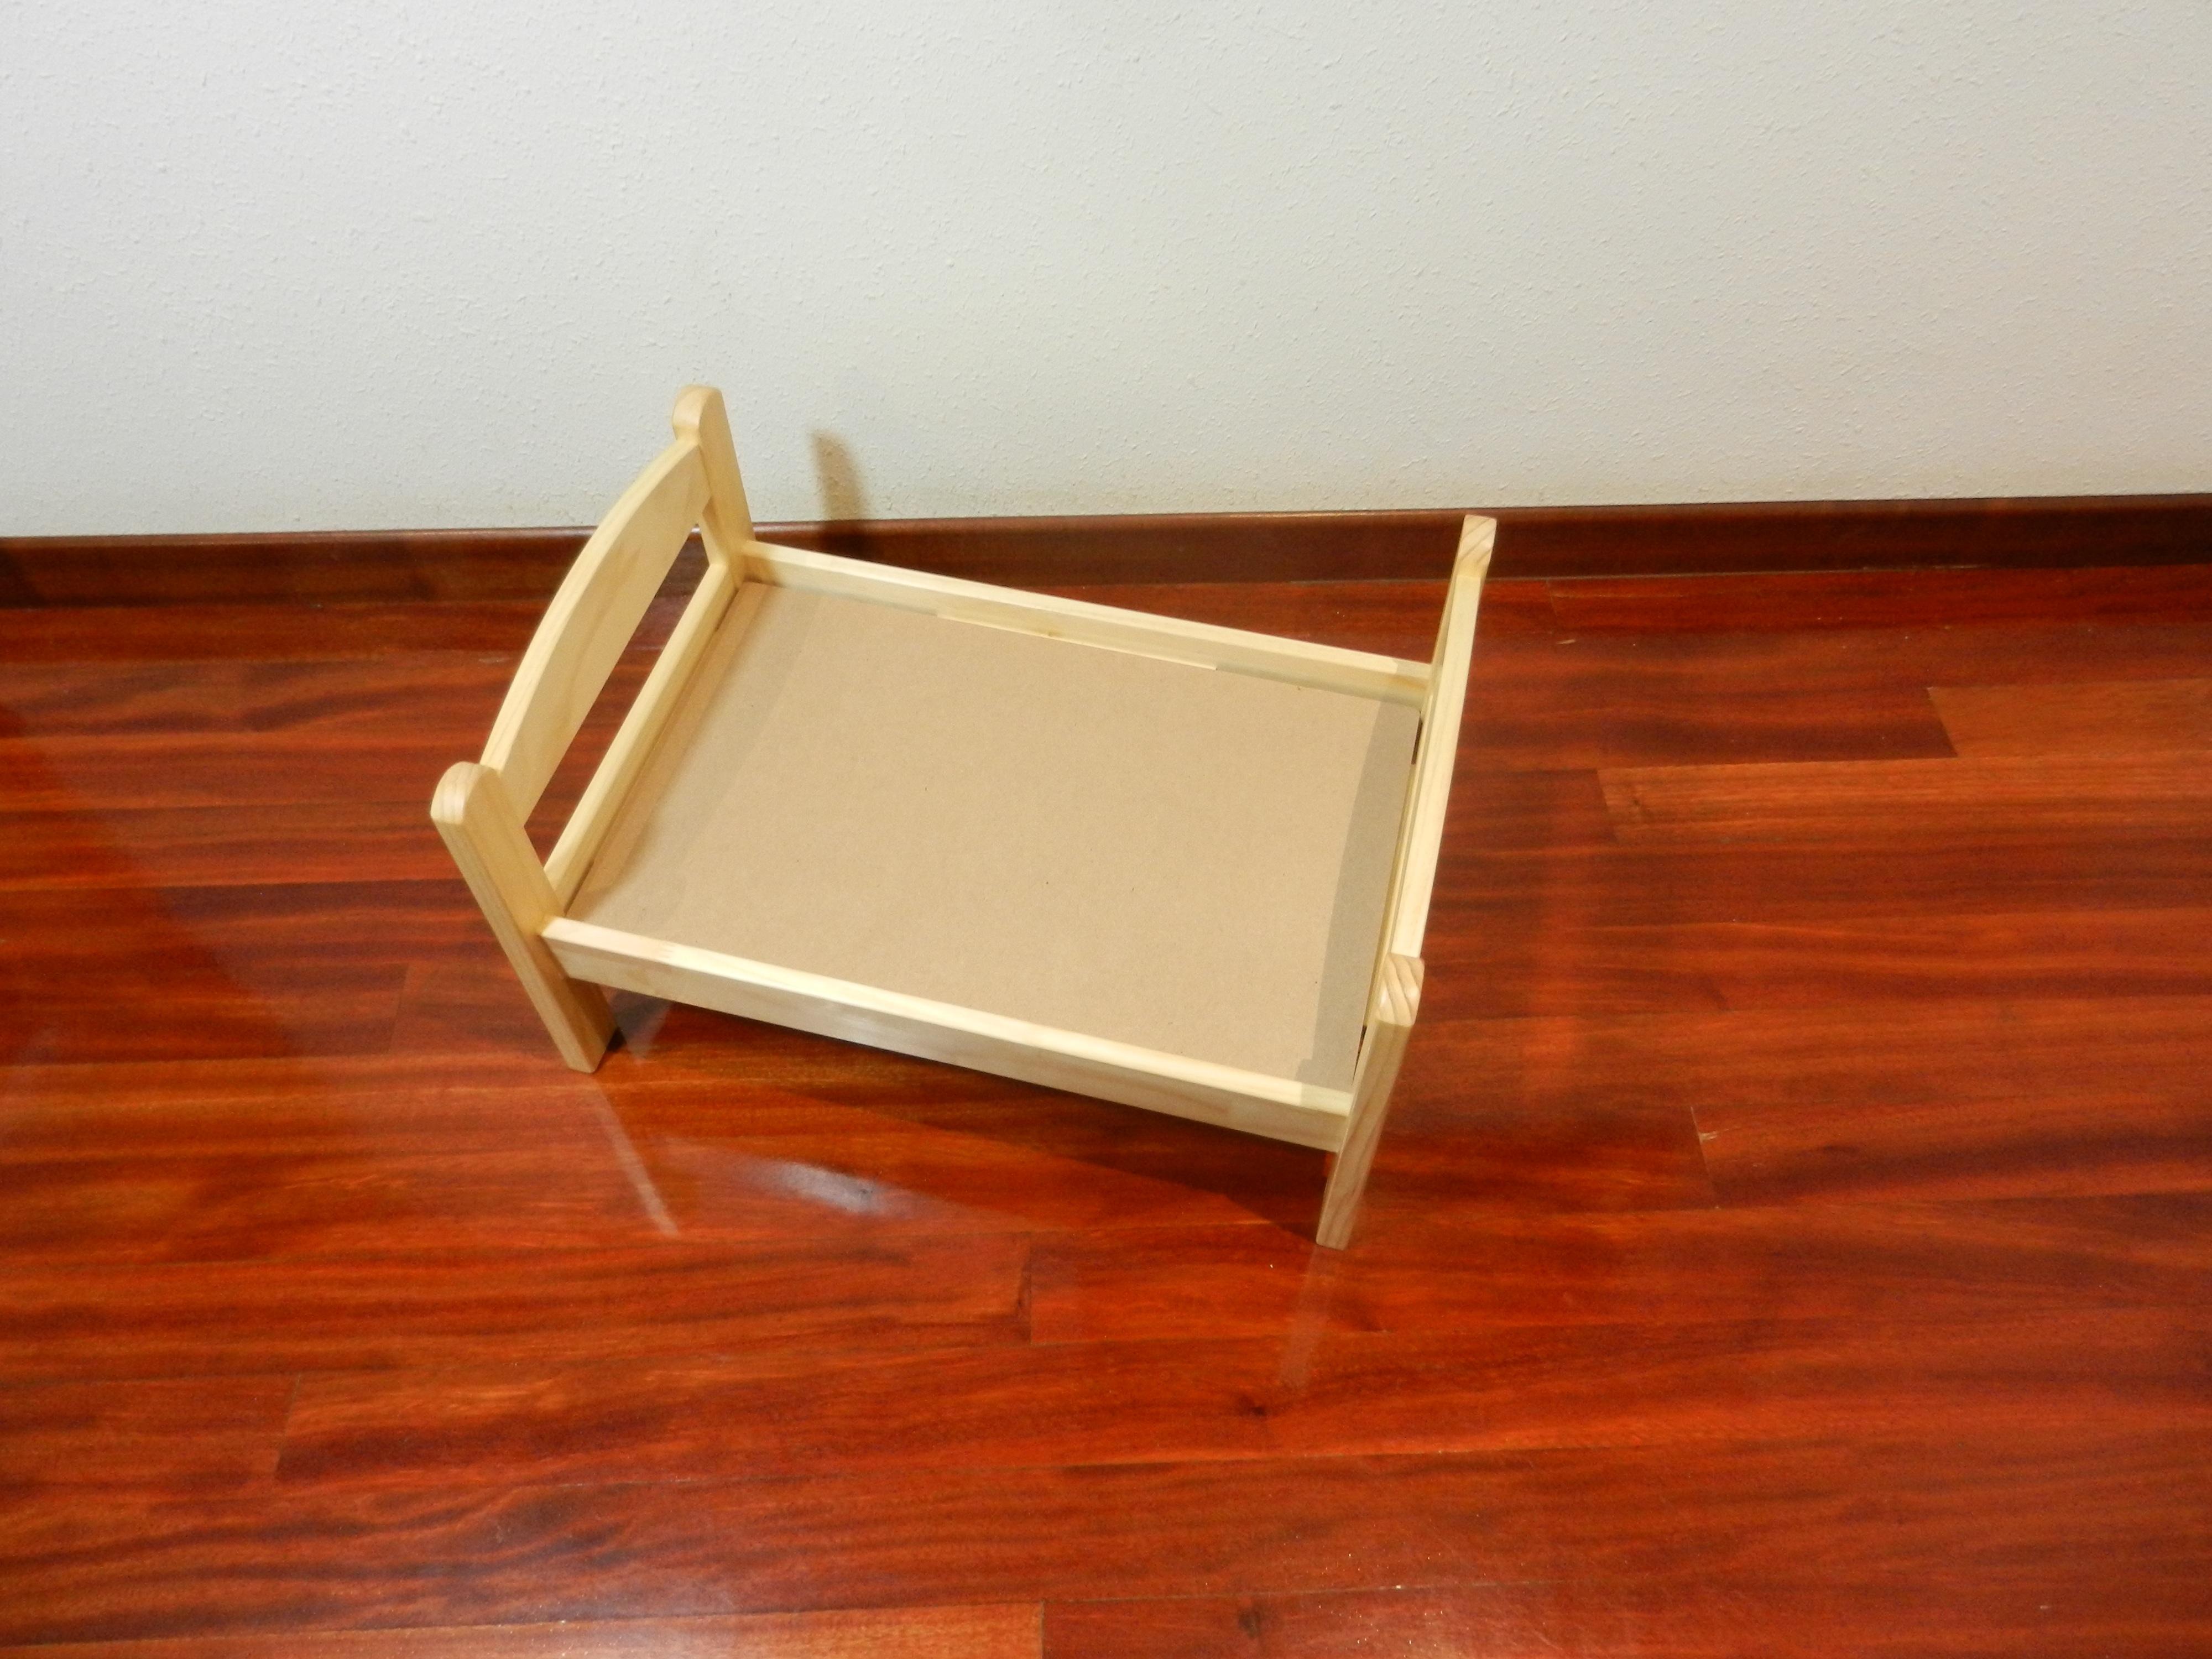 Fotos gratis : mesa, piso, estante, mueble, juguete, madera dura ...